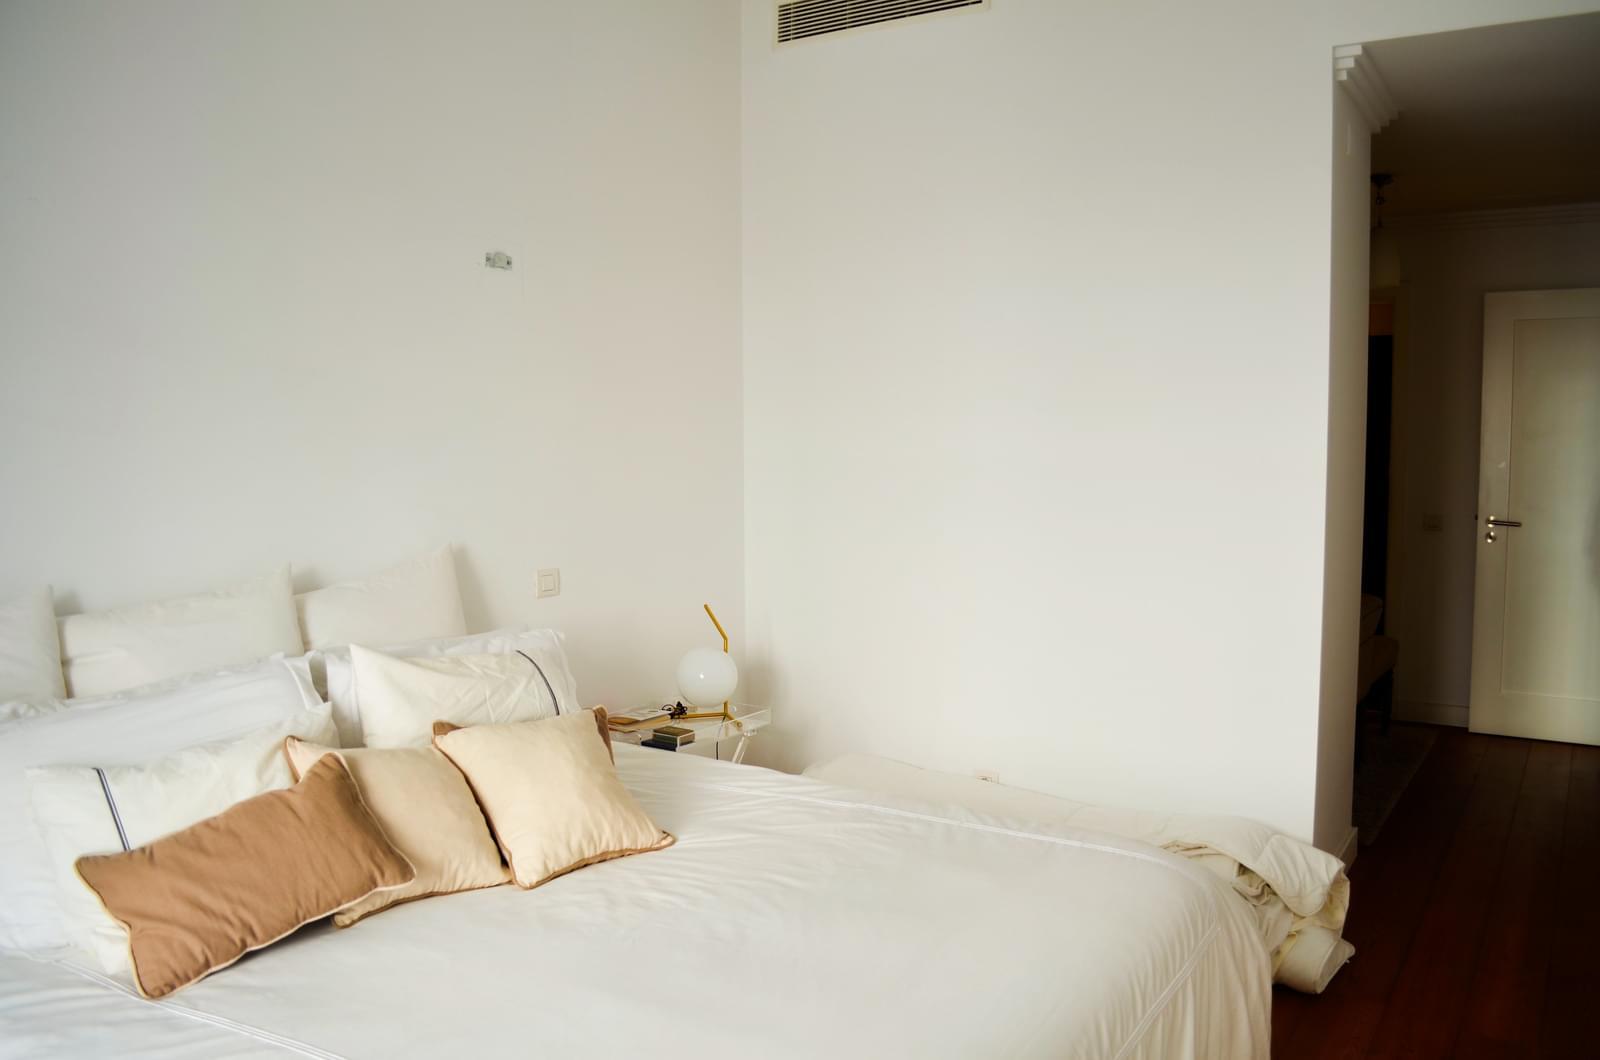 pf18712-apartamento-t2-lisboa-ed089180-3024-4a48-b586-9653f6c1a2ce